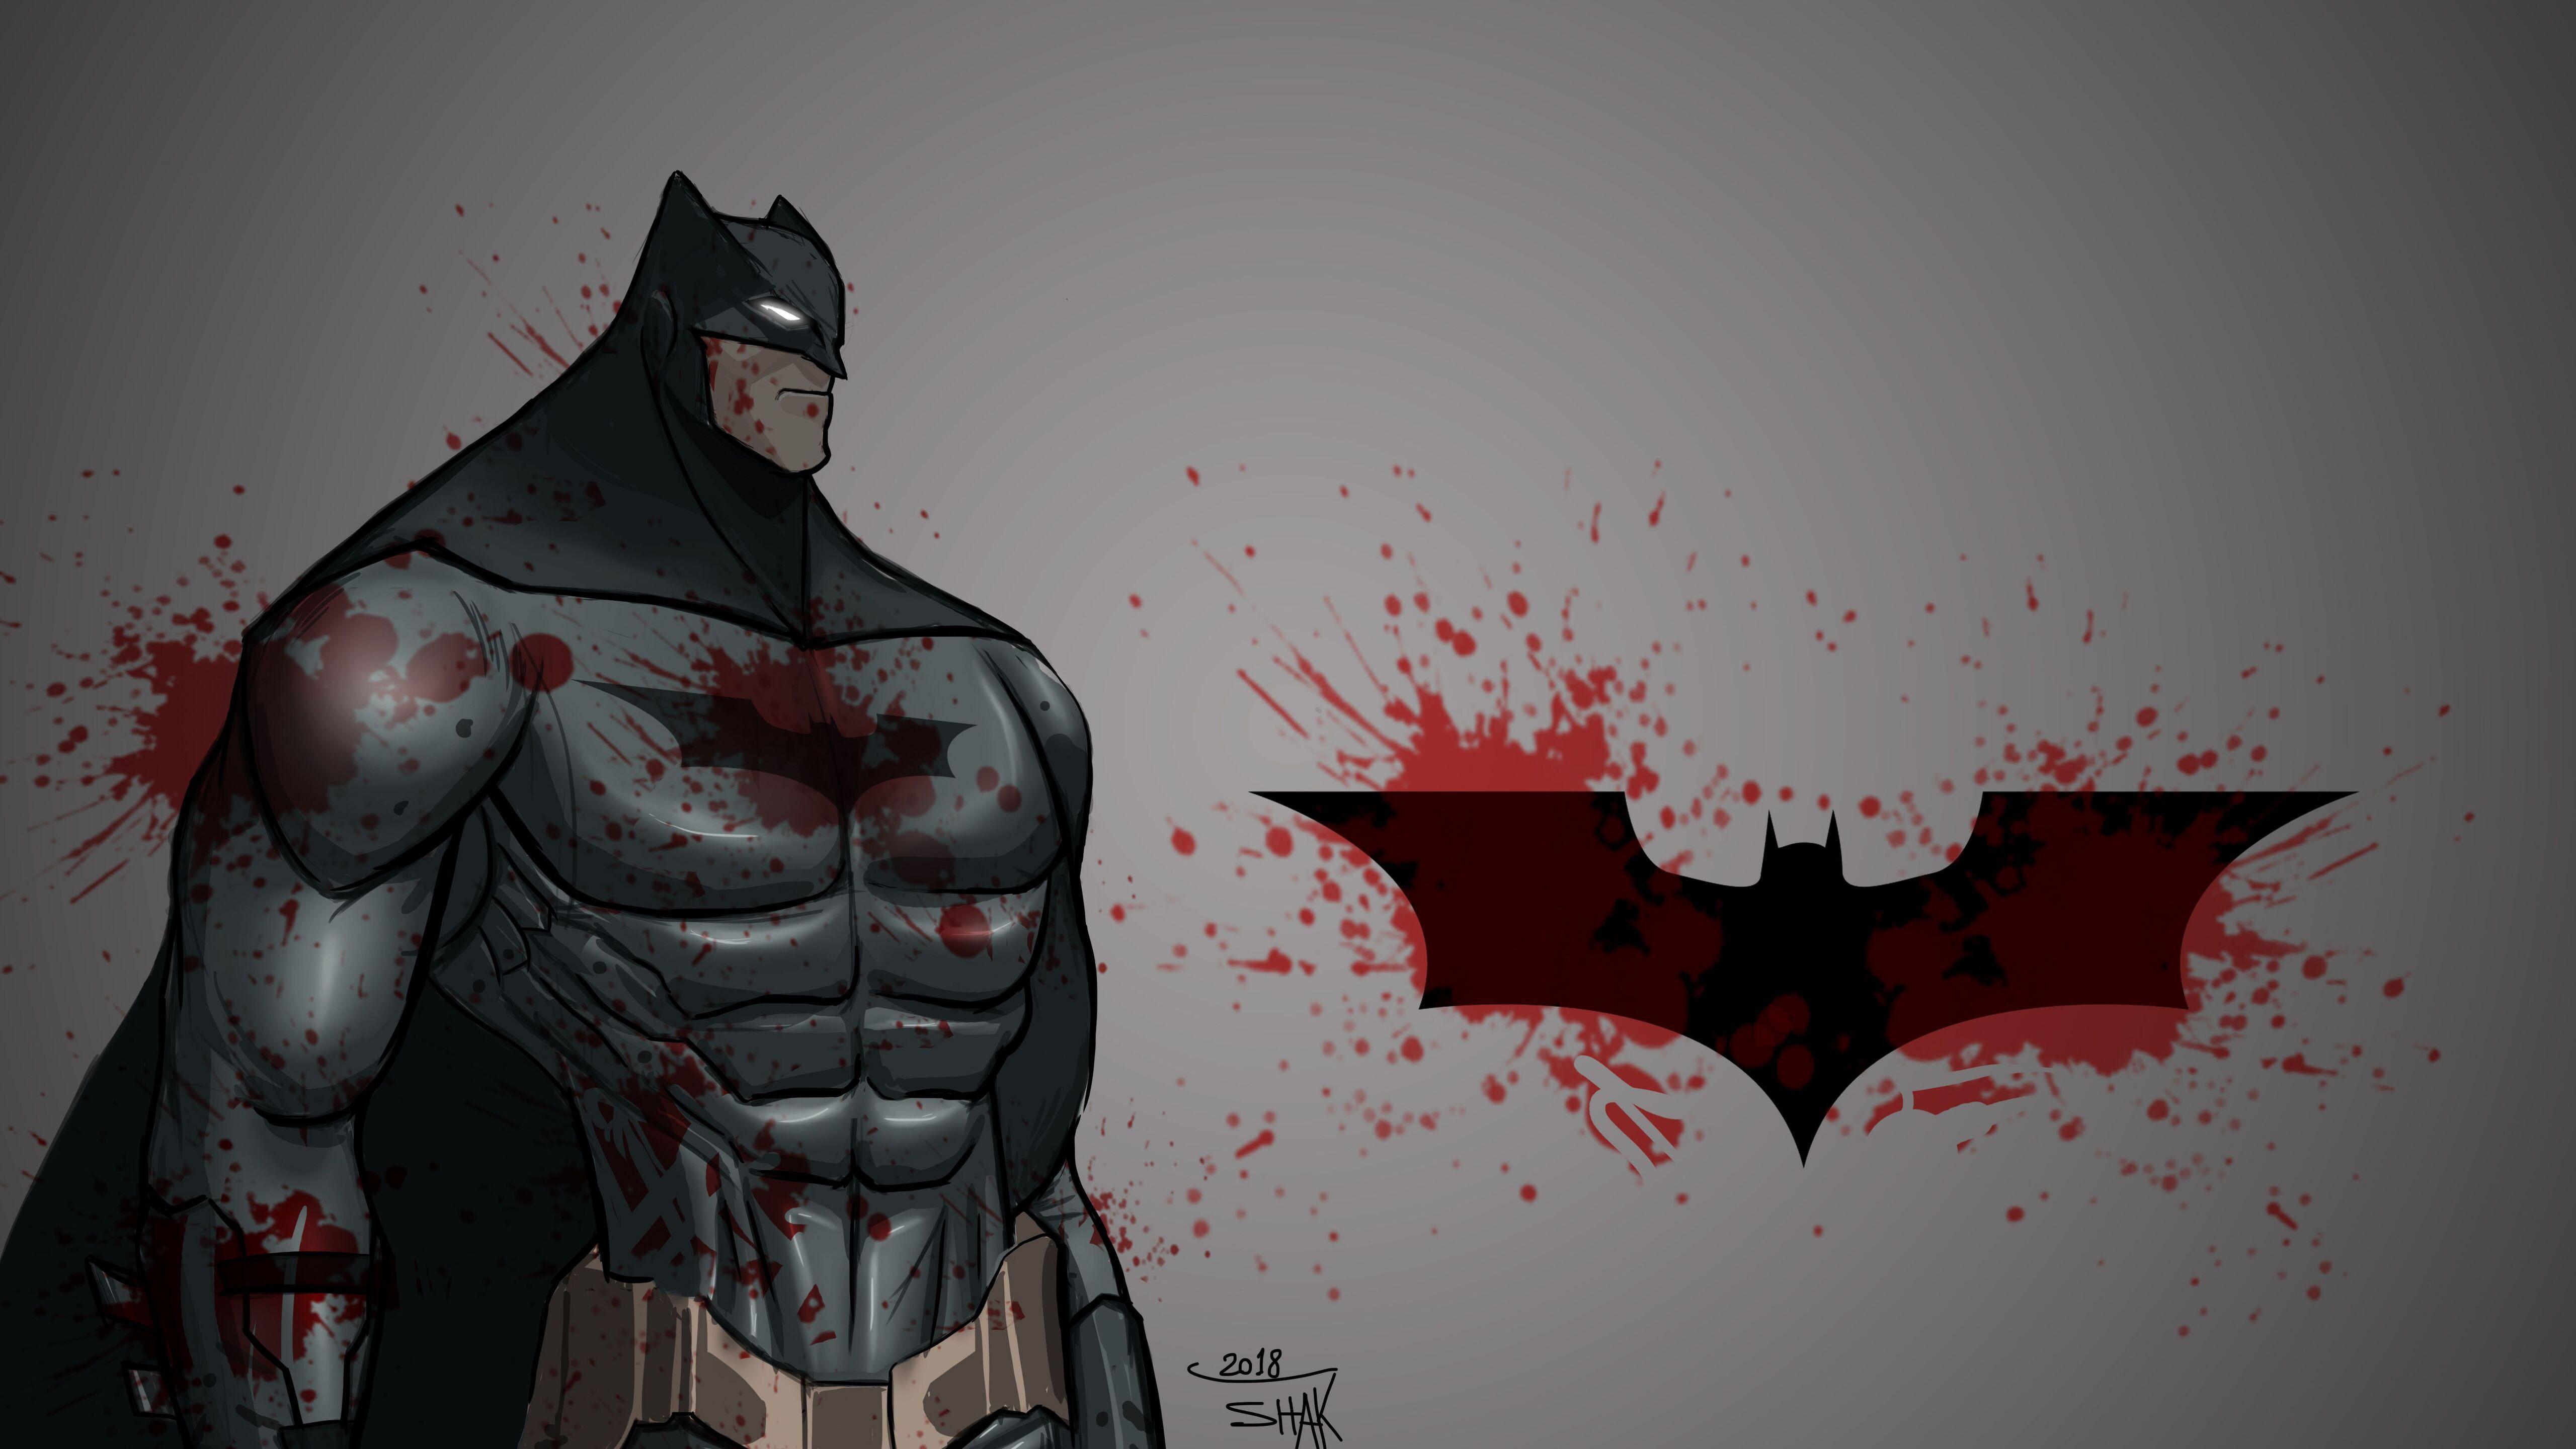 batman-5k-sketch-art-c8.jpg